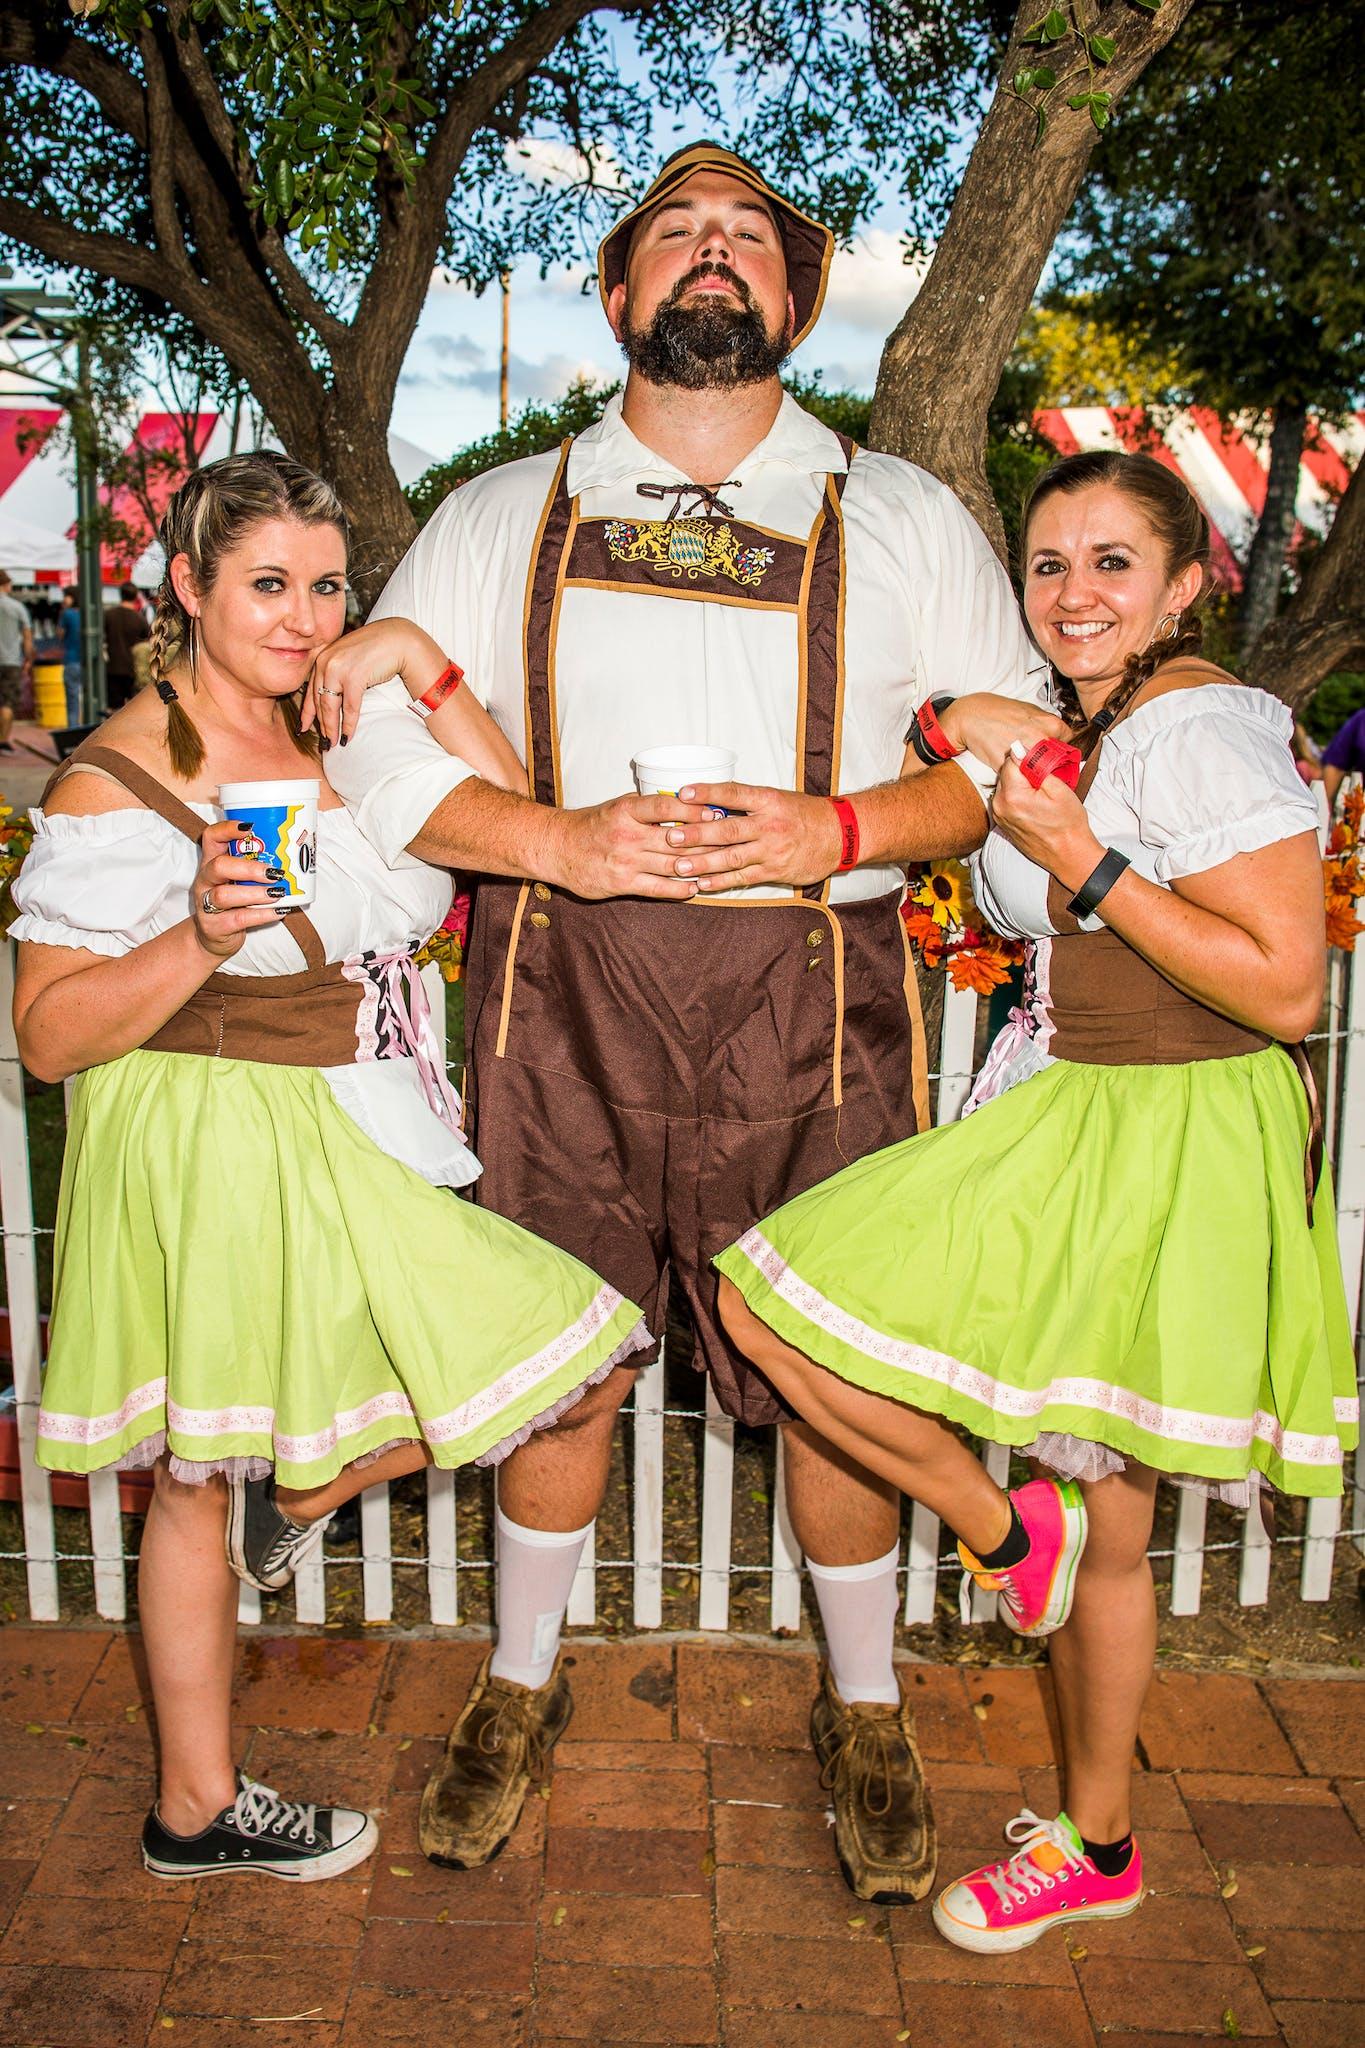 Oktoberfest style